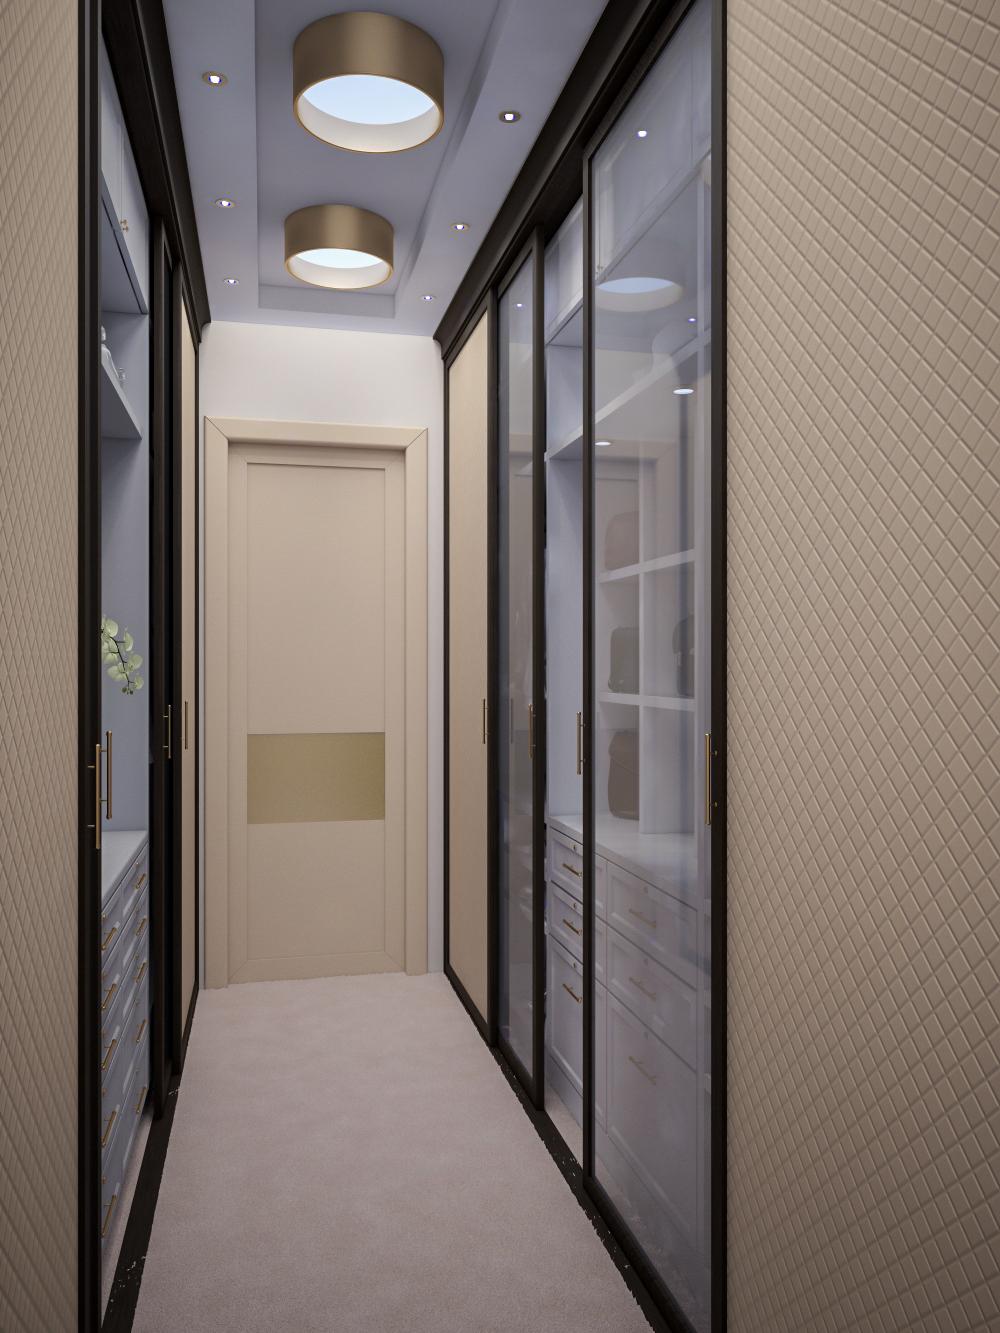 какой шкаф подойдет в узкий коридор фото оценкам ученых